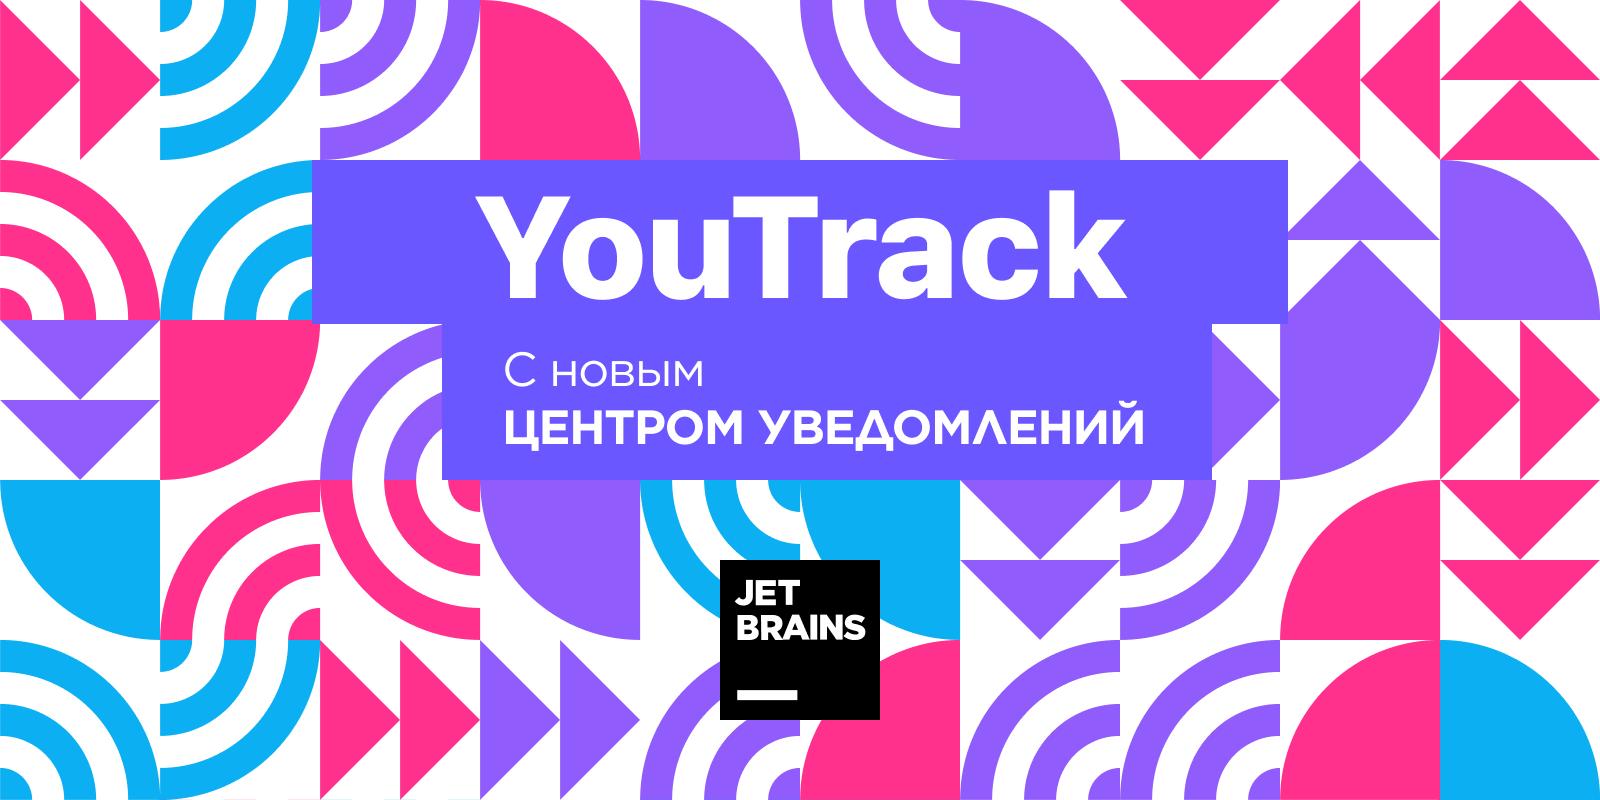 YouTrack теперь с центром уведомлений